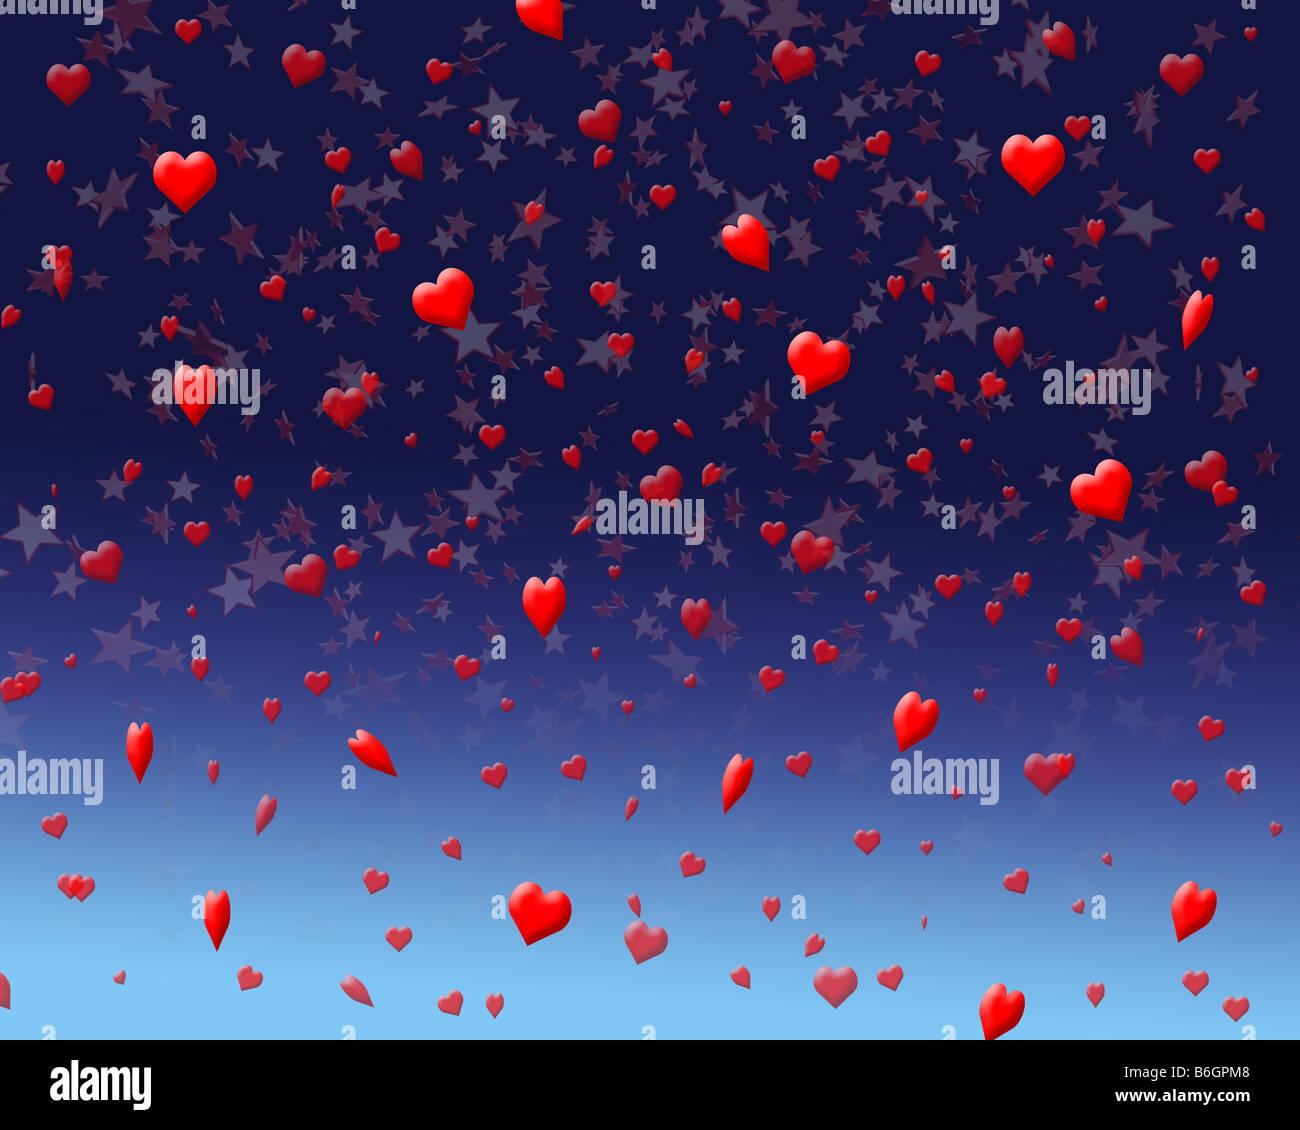 Illustration d'une célébration de nuit avec coeur et étoiles confettis Photo Stock